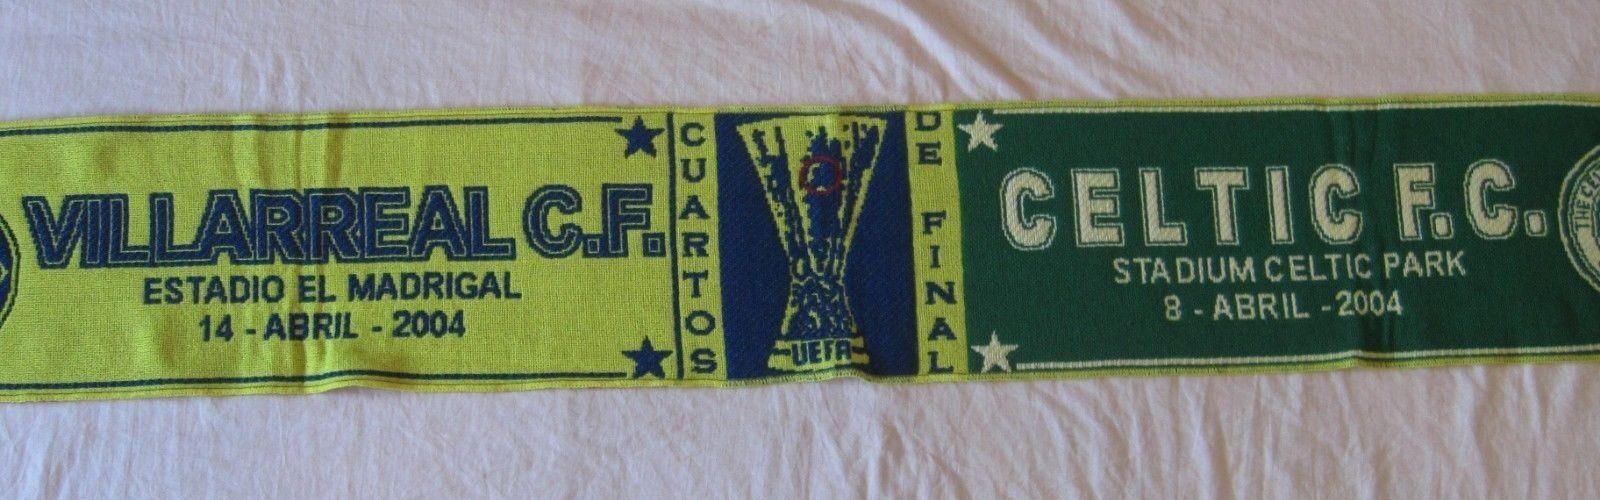 Bufanda Scarf Sciarpa VILLAREAL CELTIC GLASGOW 2004 Quarters Final Cuartos